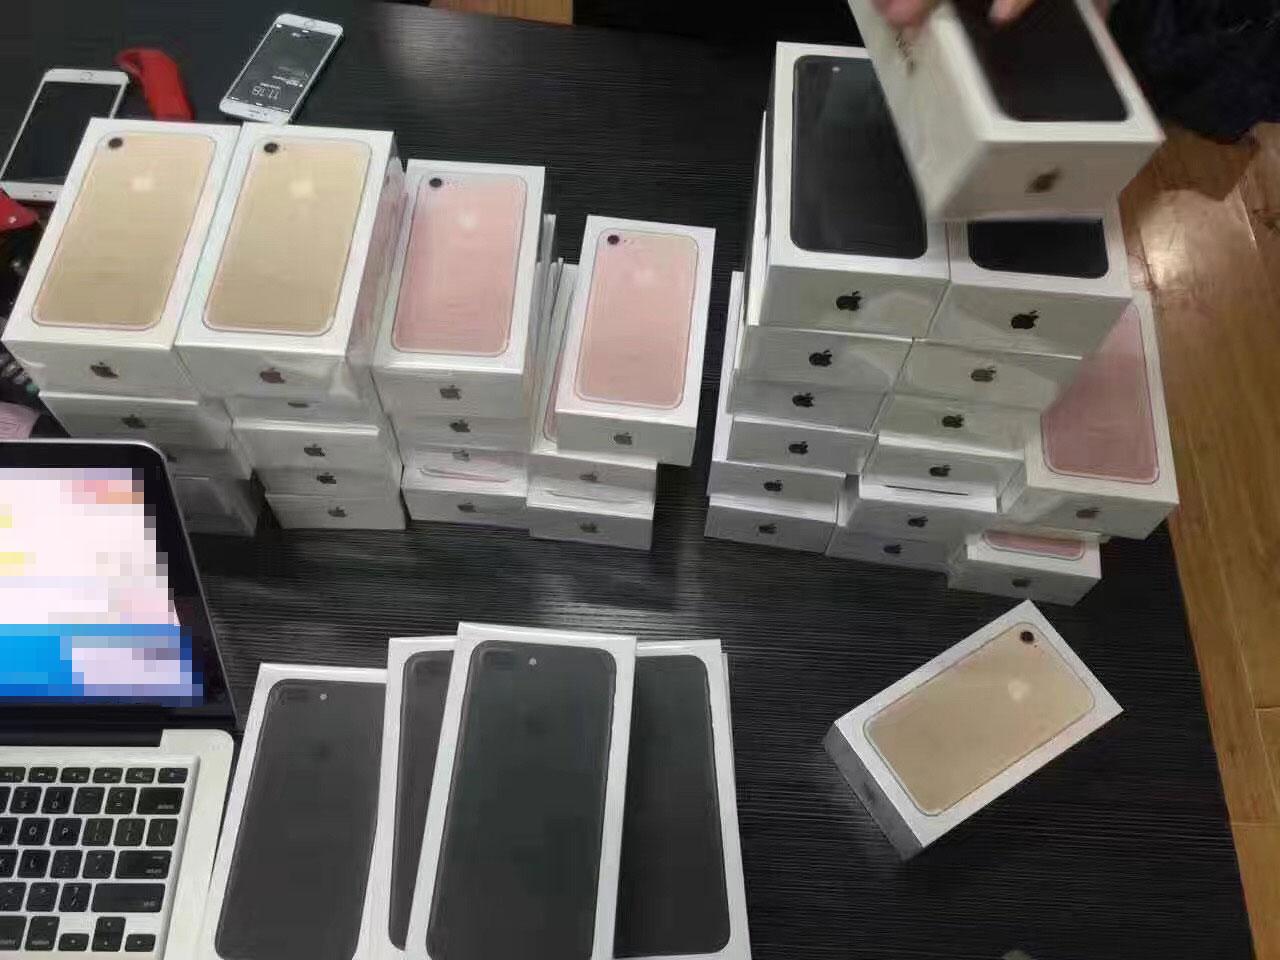 iPhone 7 desviados para clientes VIP en China